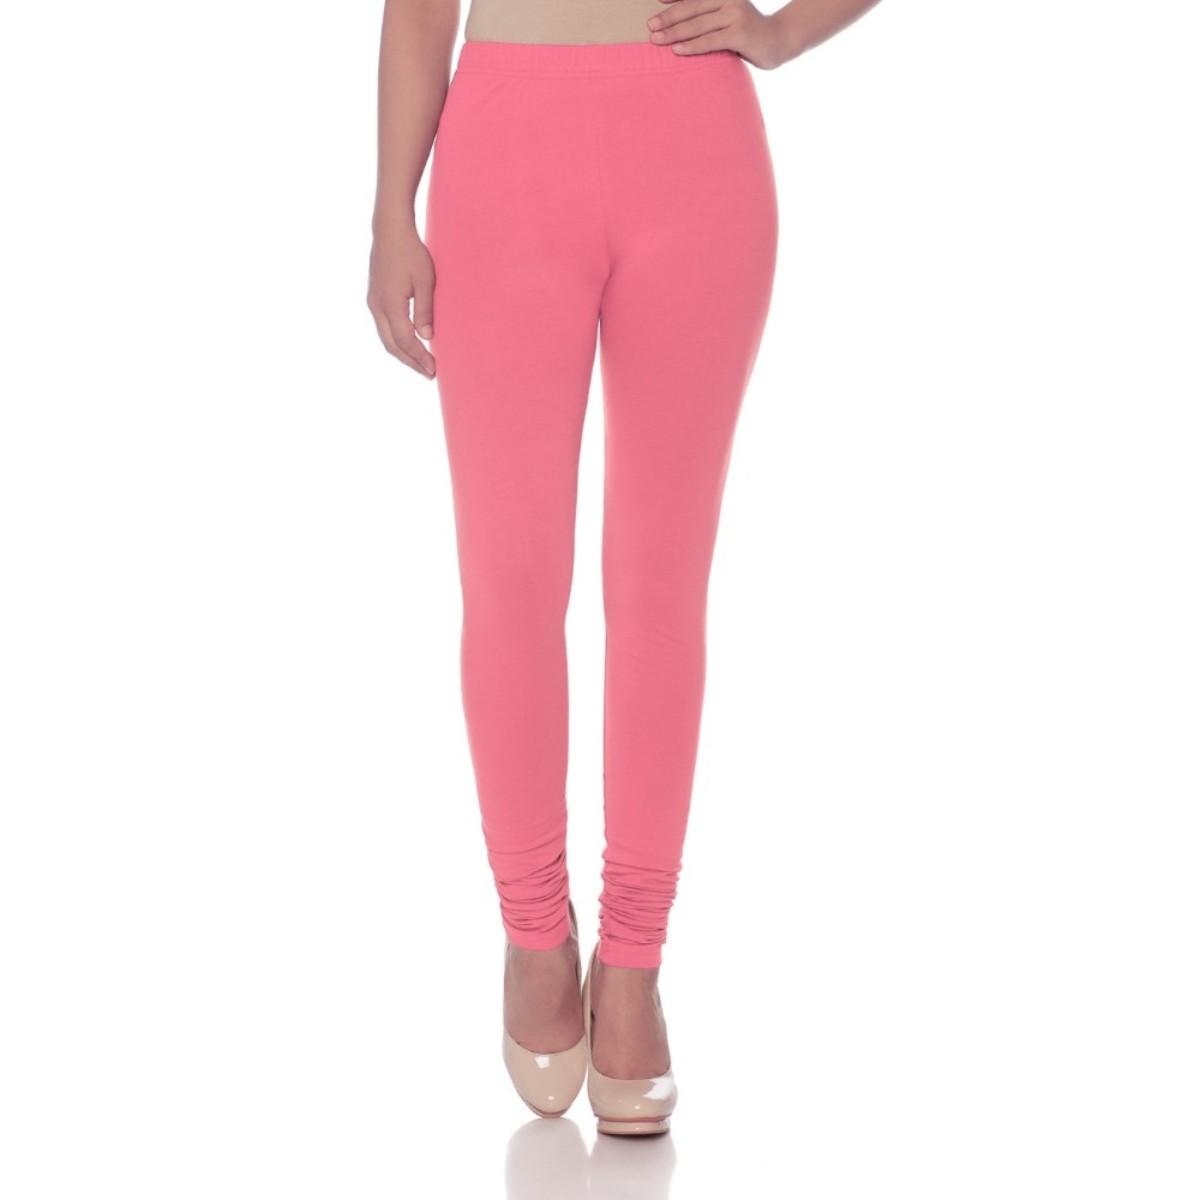 248507b24351e Leggings - Buy Designer Printed Lycra Leggings for Girls Online